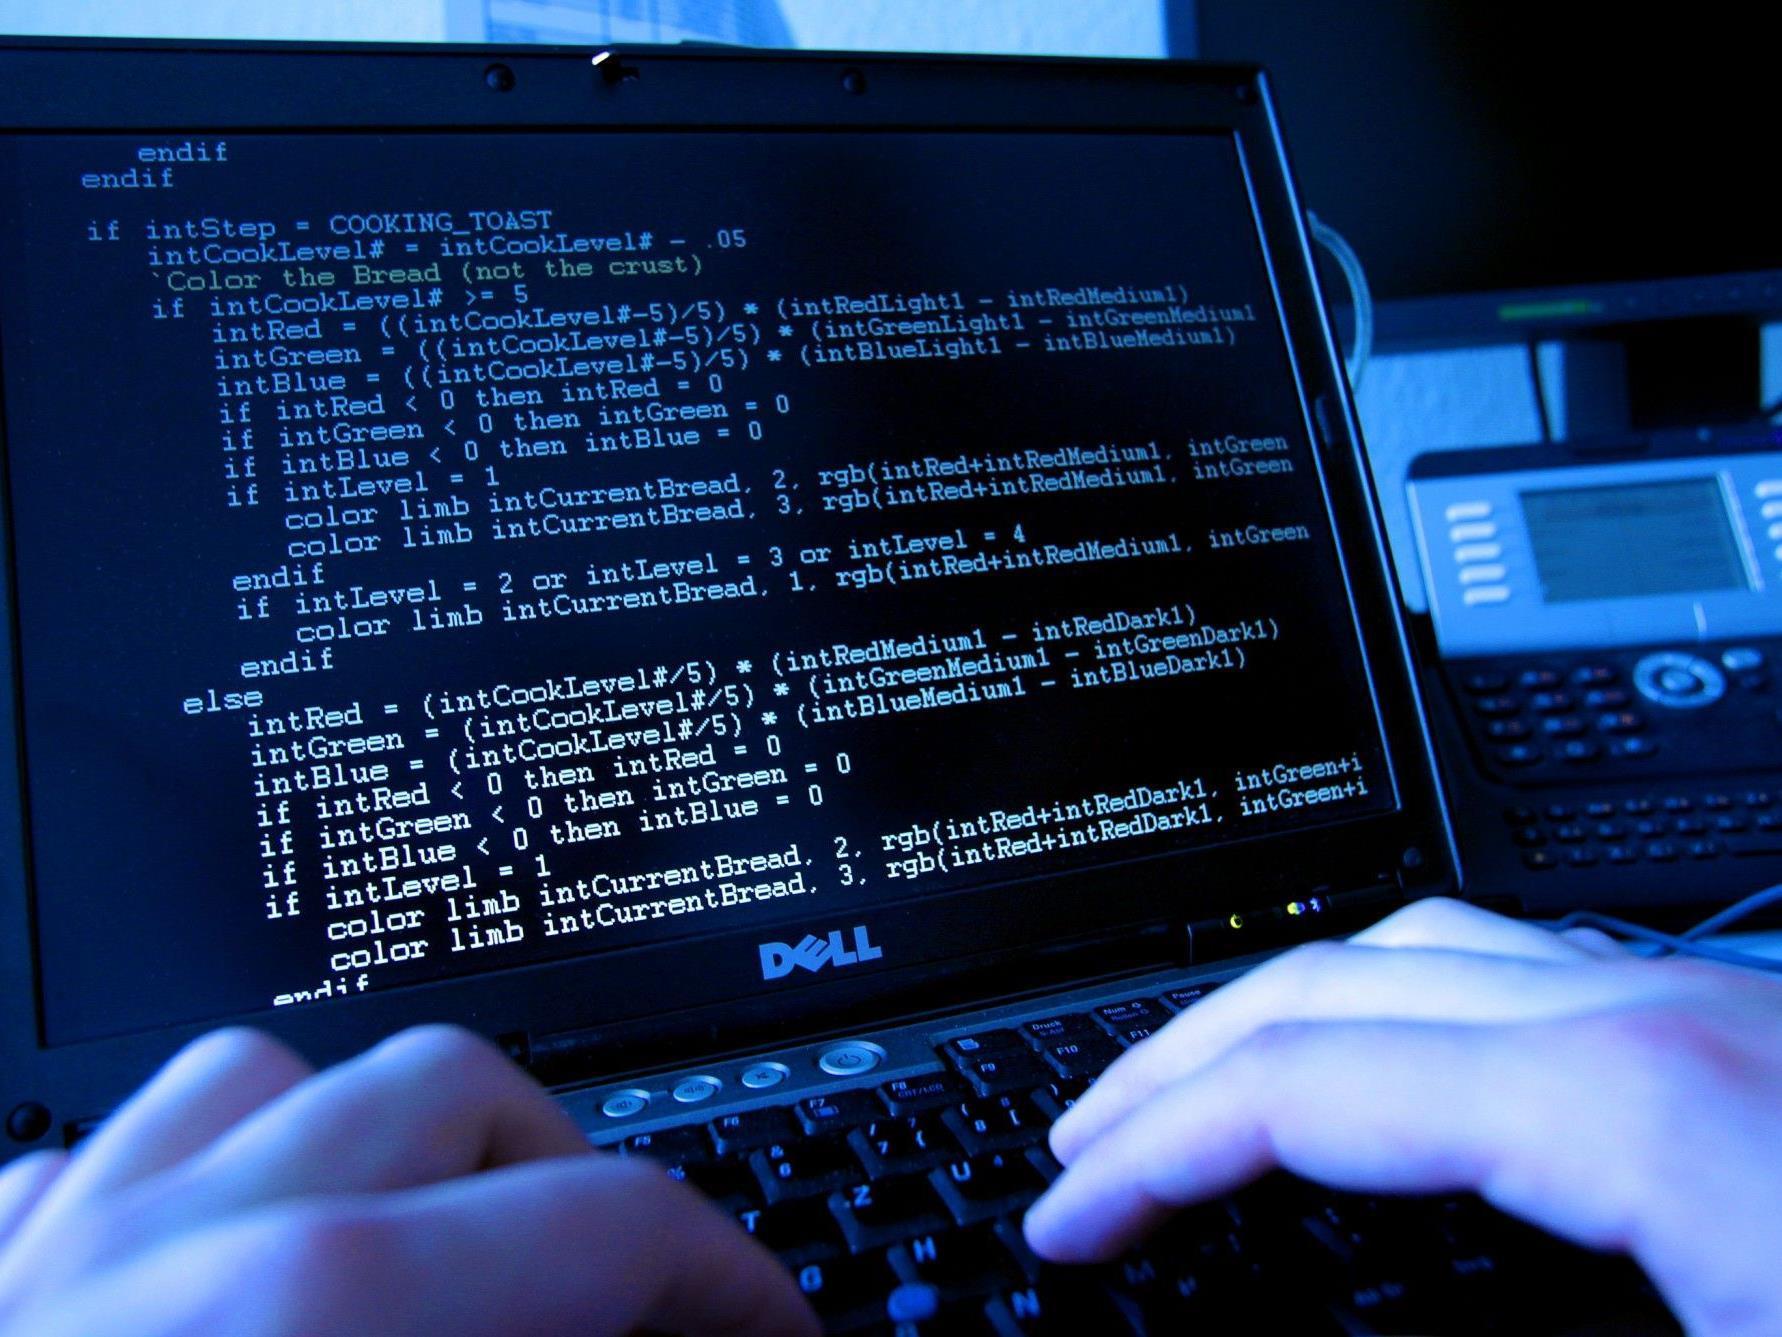 Für einen erfolgreichen Angriff reiche es, den Internet-Nutzer auf eine präparierte Webseite zu locken.